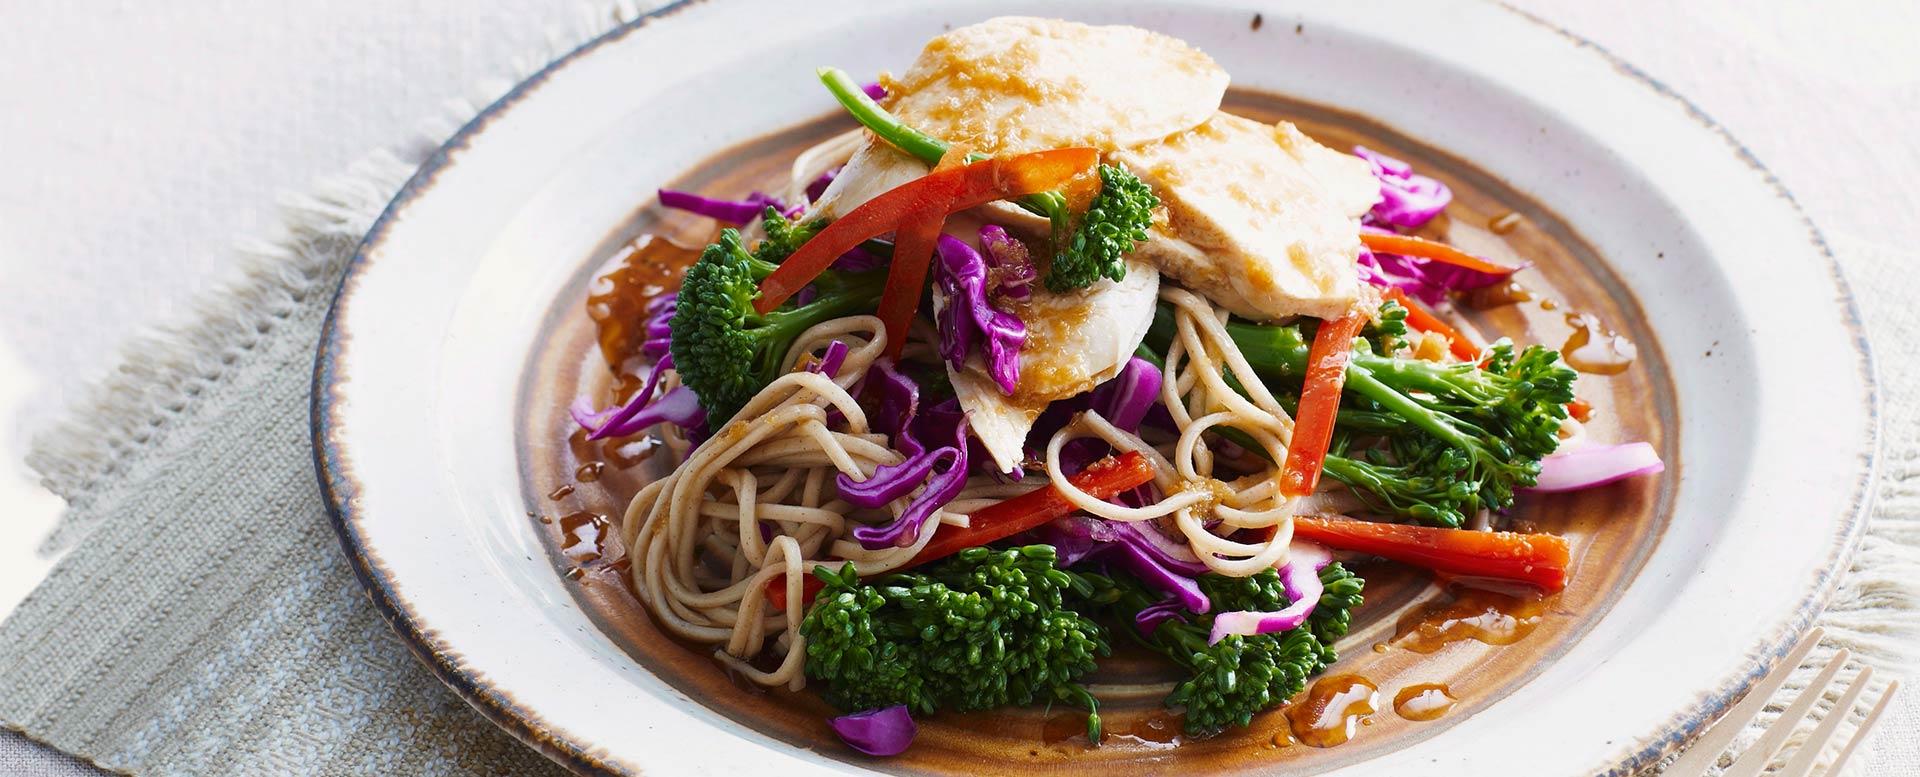 Sobanudelsalat mit Hähnchen und Gemüse glutenfrei